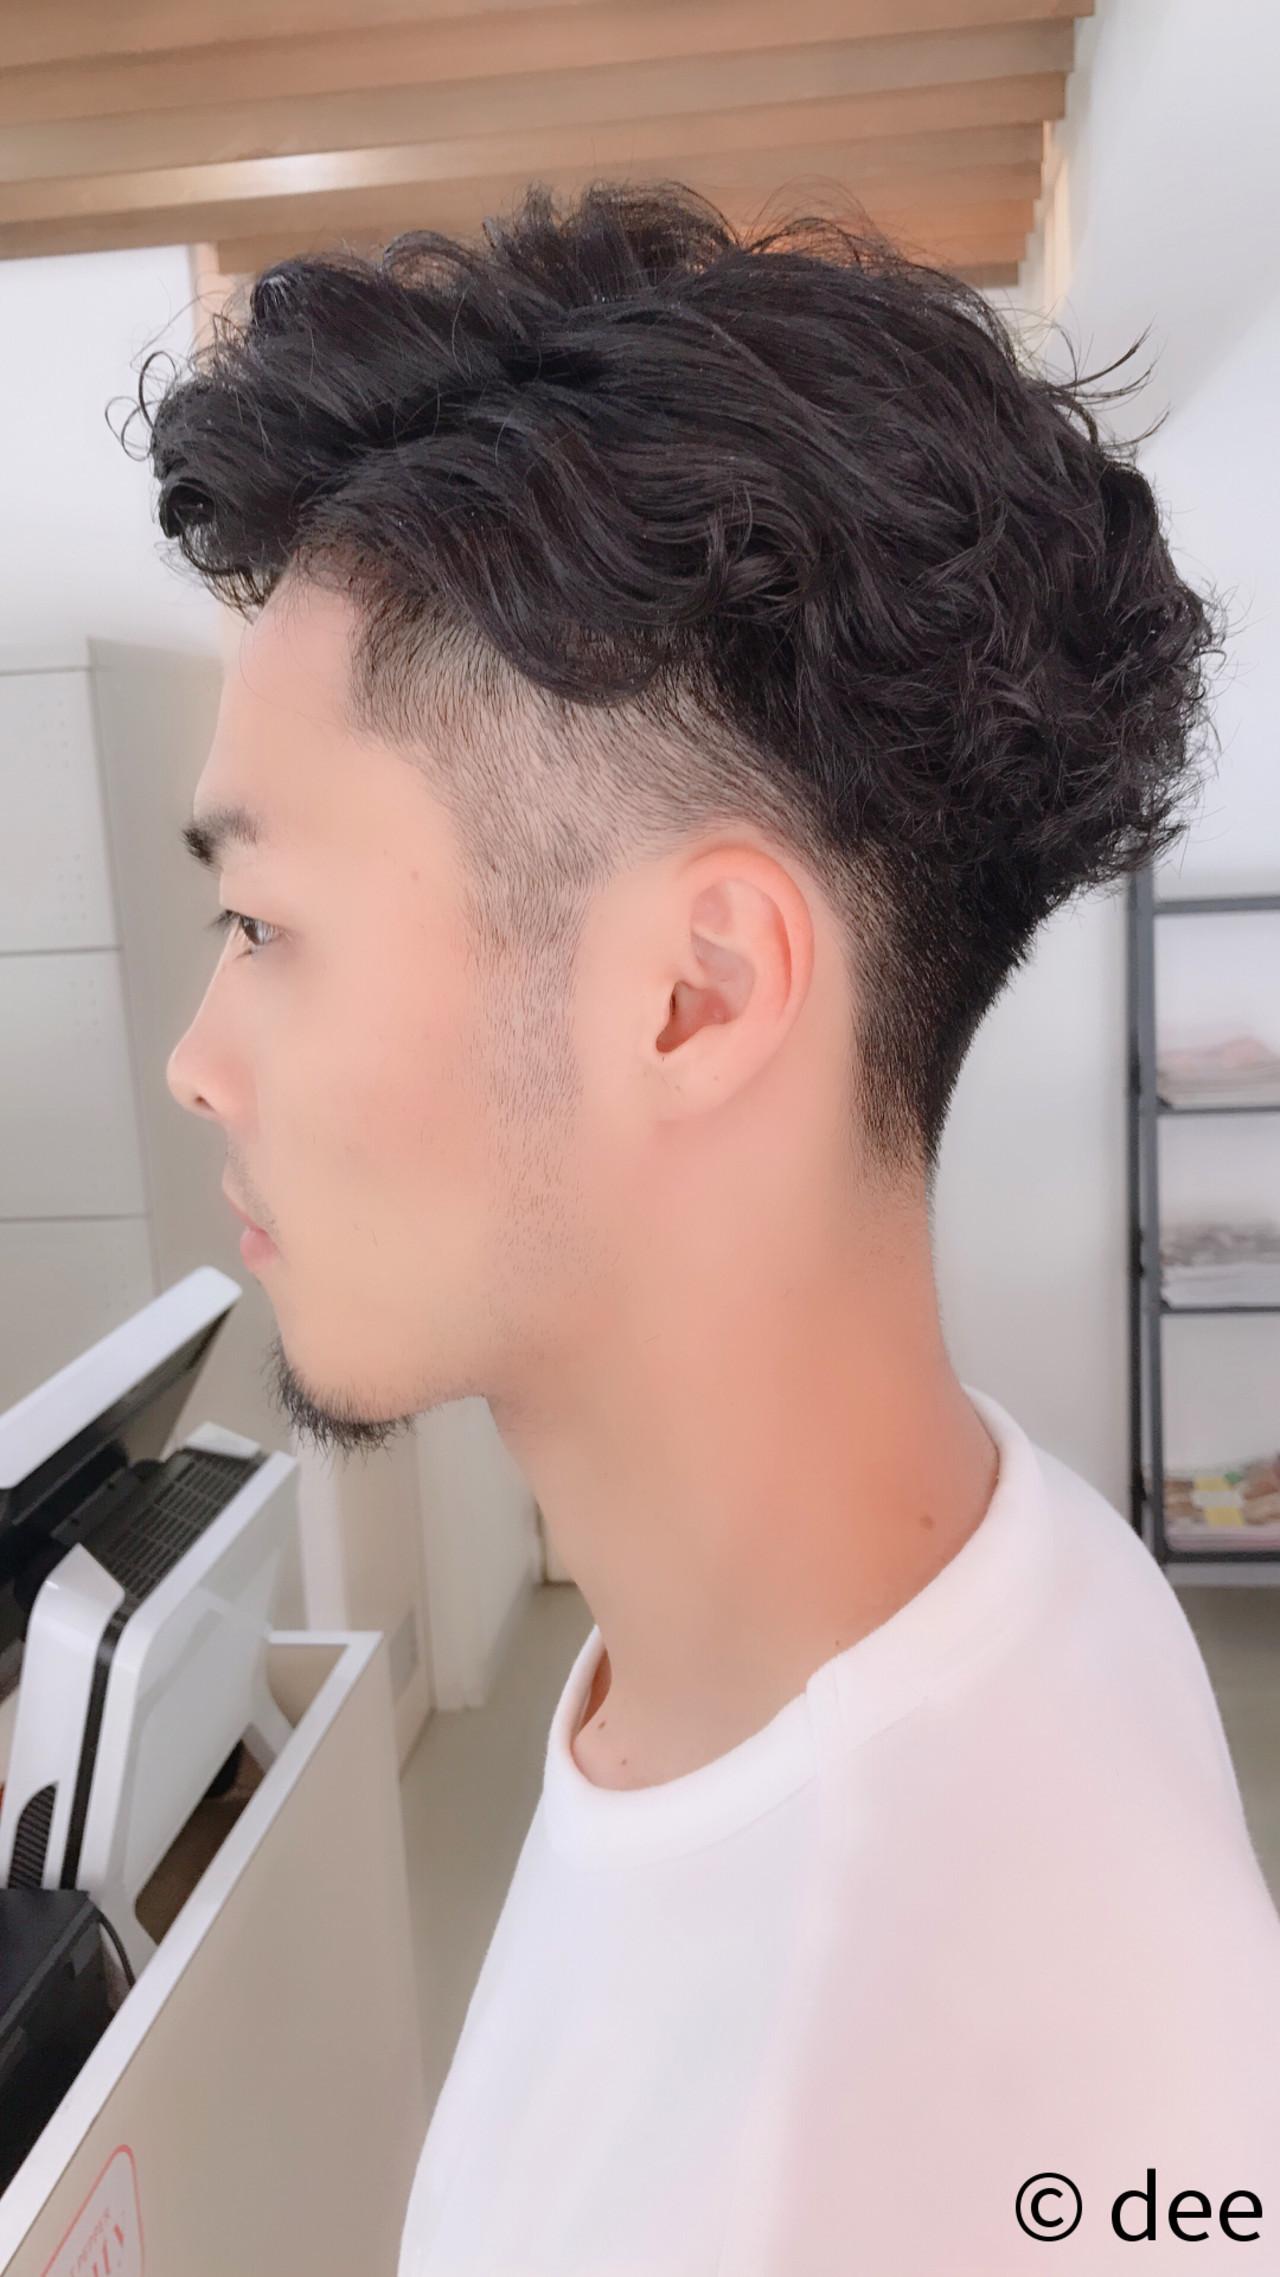 メンズヘア メンズ メンズパーマ ツーブロック ヘアスタイルや髪型の写真・画像